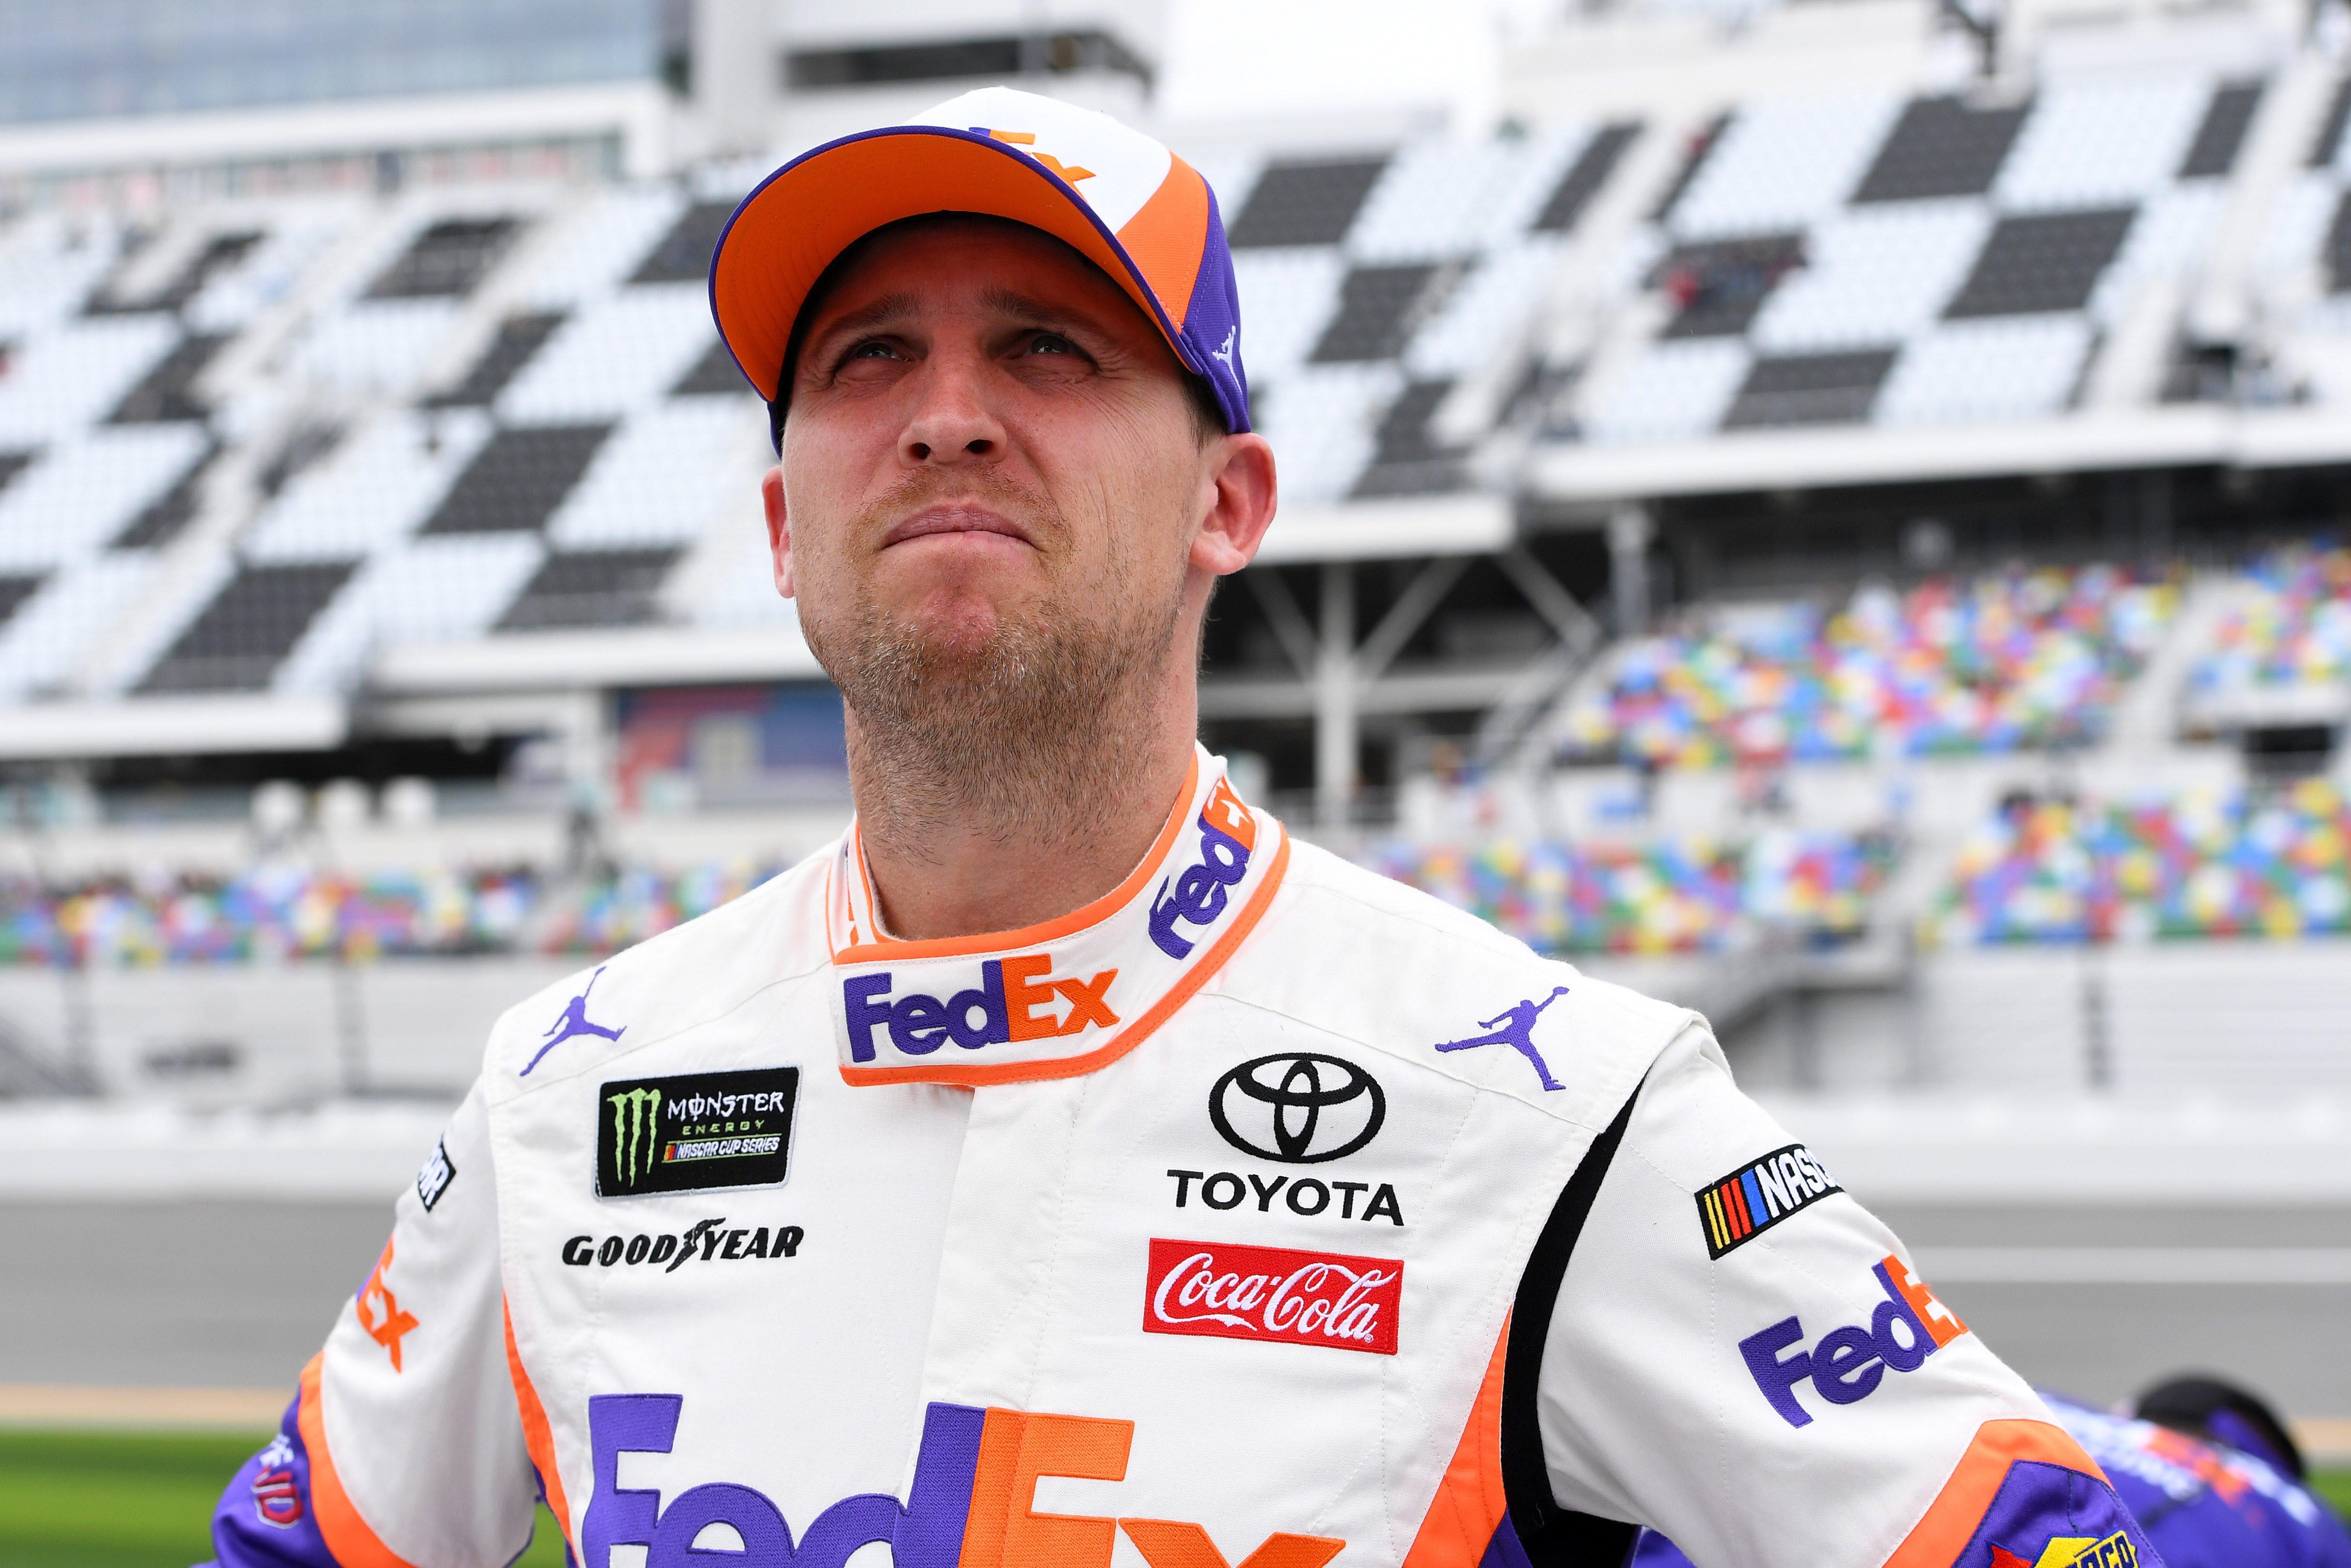 Denny Hamlin hopes Daytona 500 win erases doubts, fuels resurgent NASCAR campaign